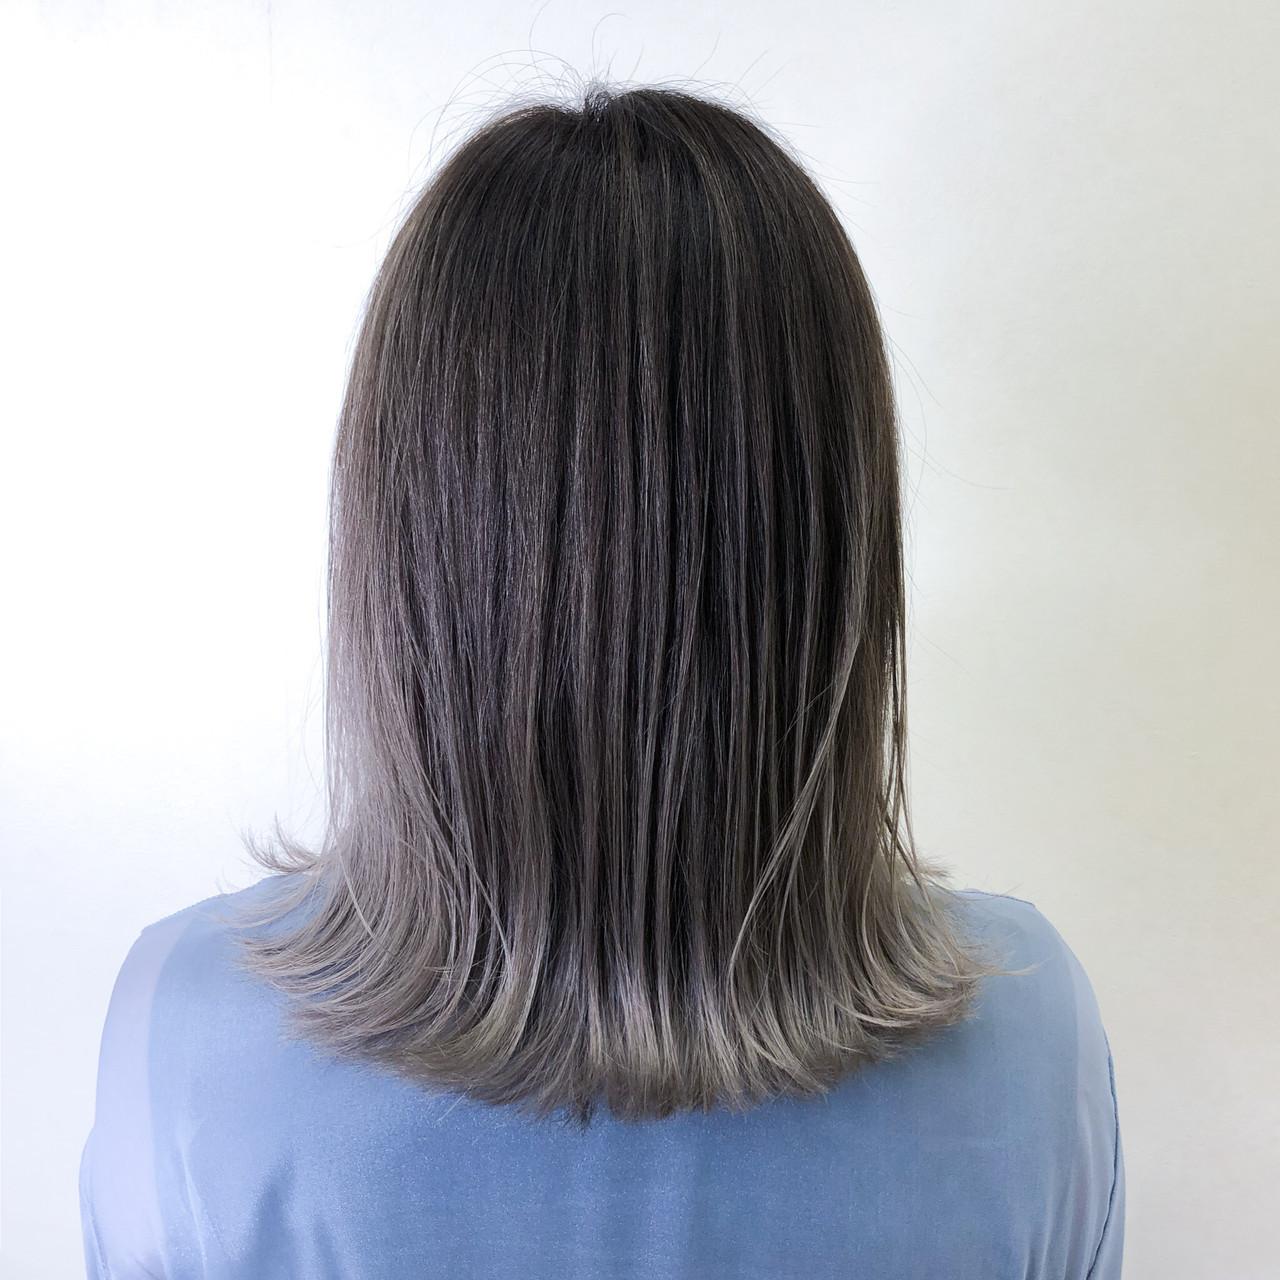 ストリート バレイヤージュ コントラストハイライト アッシュグレー ヘアスタイルや髪型の写真・画像